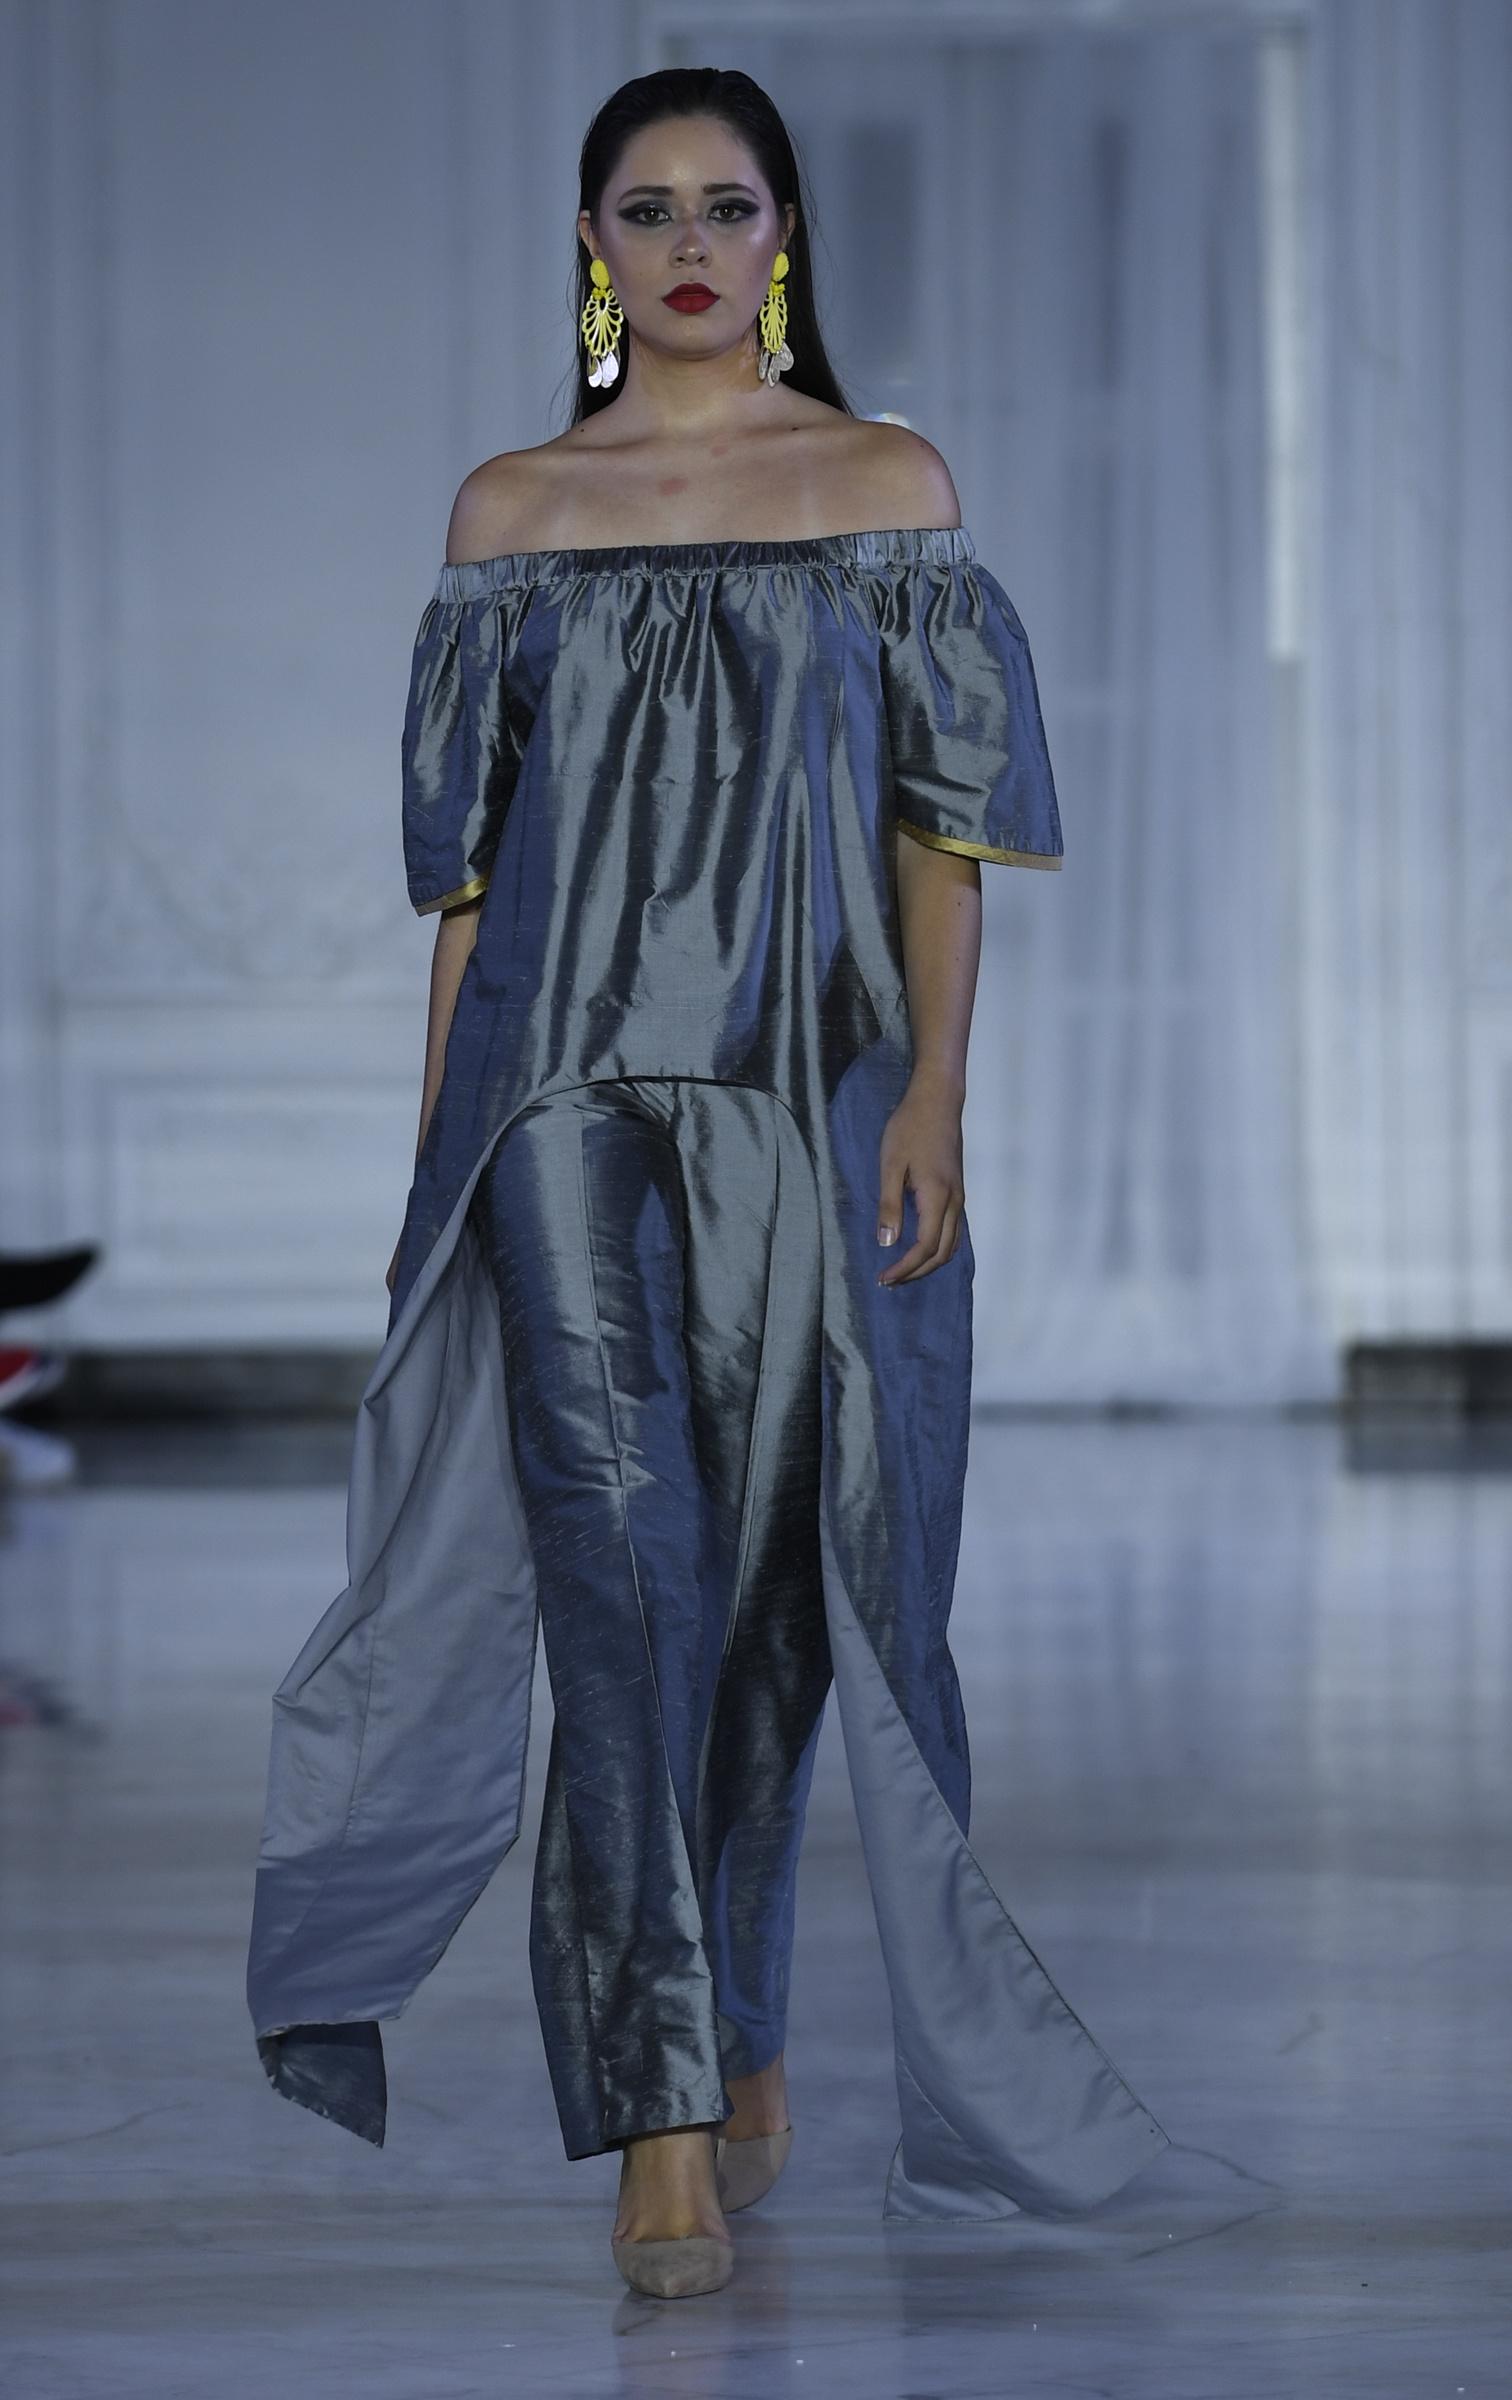 El diseñador presentó un cambio bajo de hombros -túnica y pantalón- en dos tonalidades para la Primavera Verano 2019. Foto Ángel Luis García